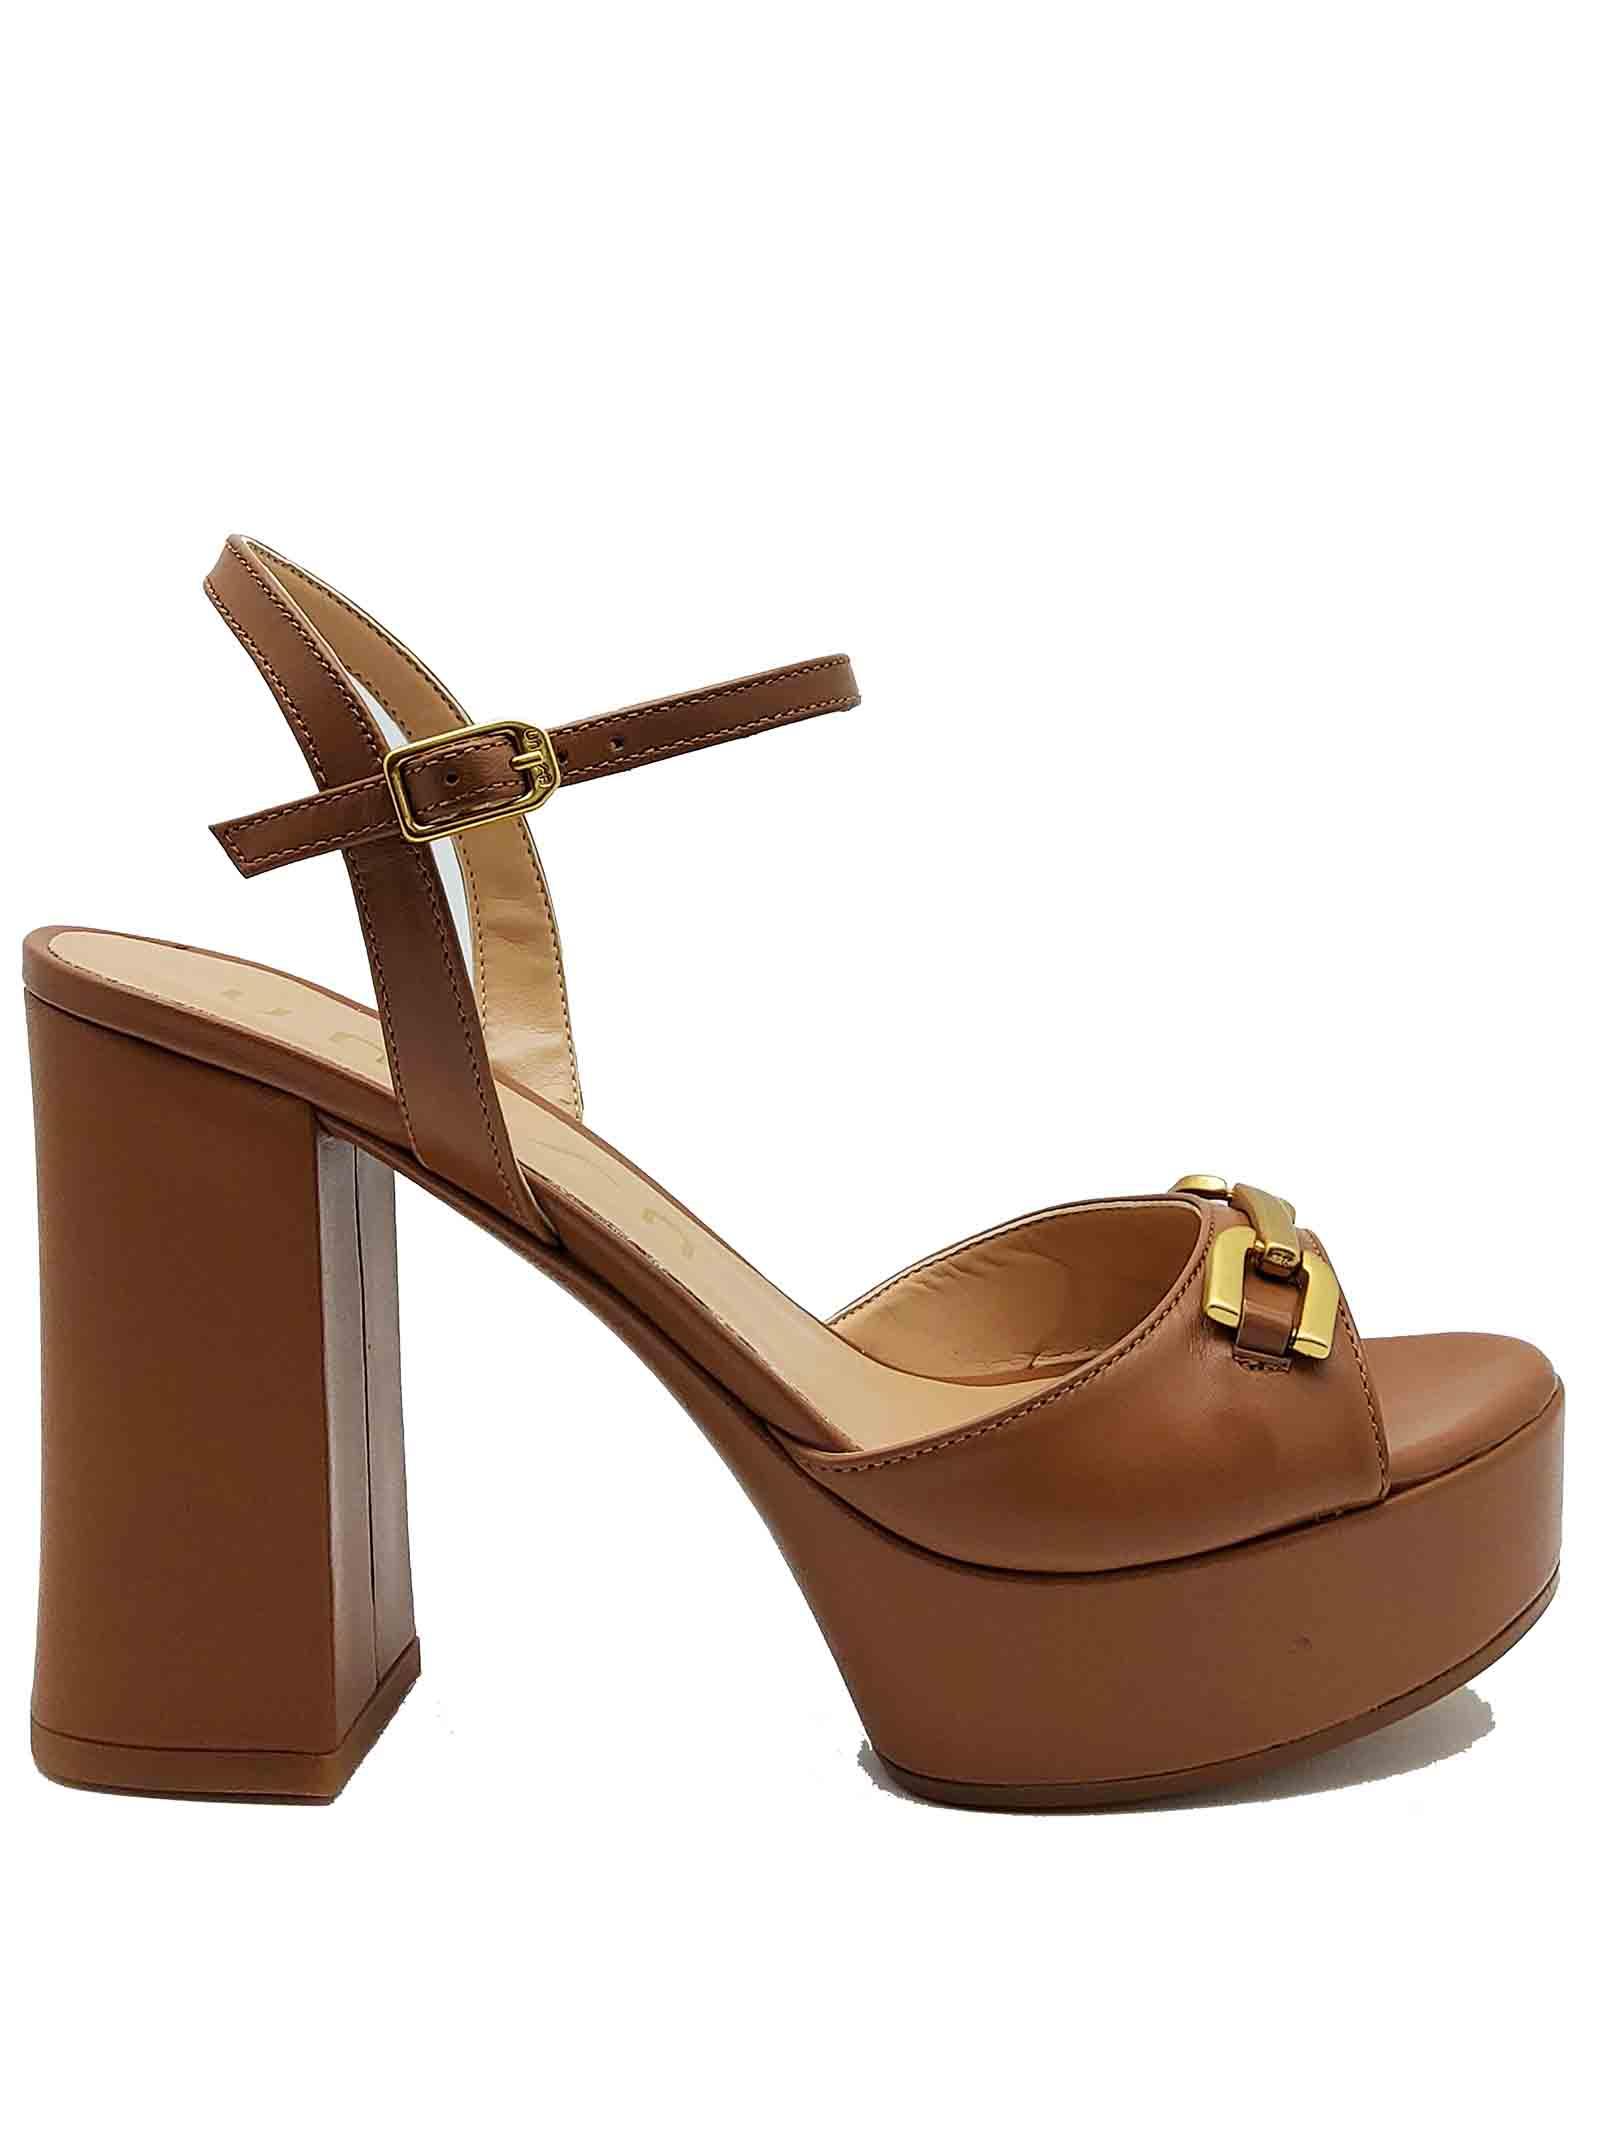 Calzature donna Sandali in Pelle Cuoio con Morsetto in Oro Tacco Alto Plateau e Cinturino alla Caviglia Unisa | Sandali | VADILLO014